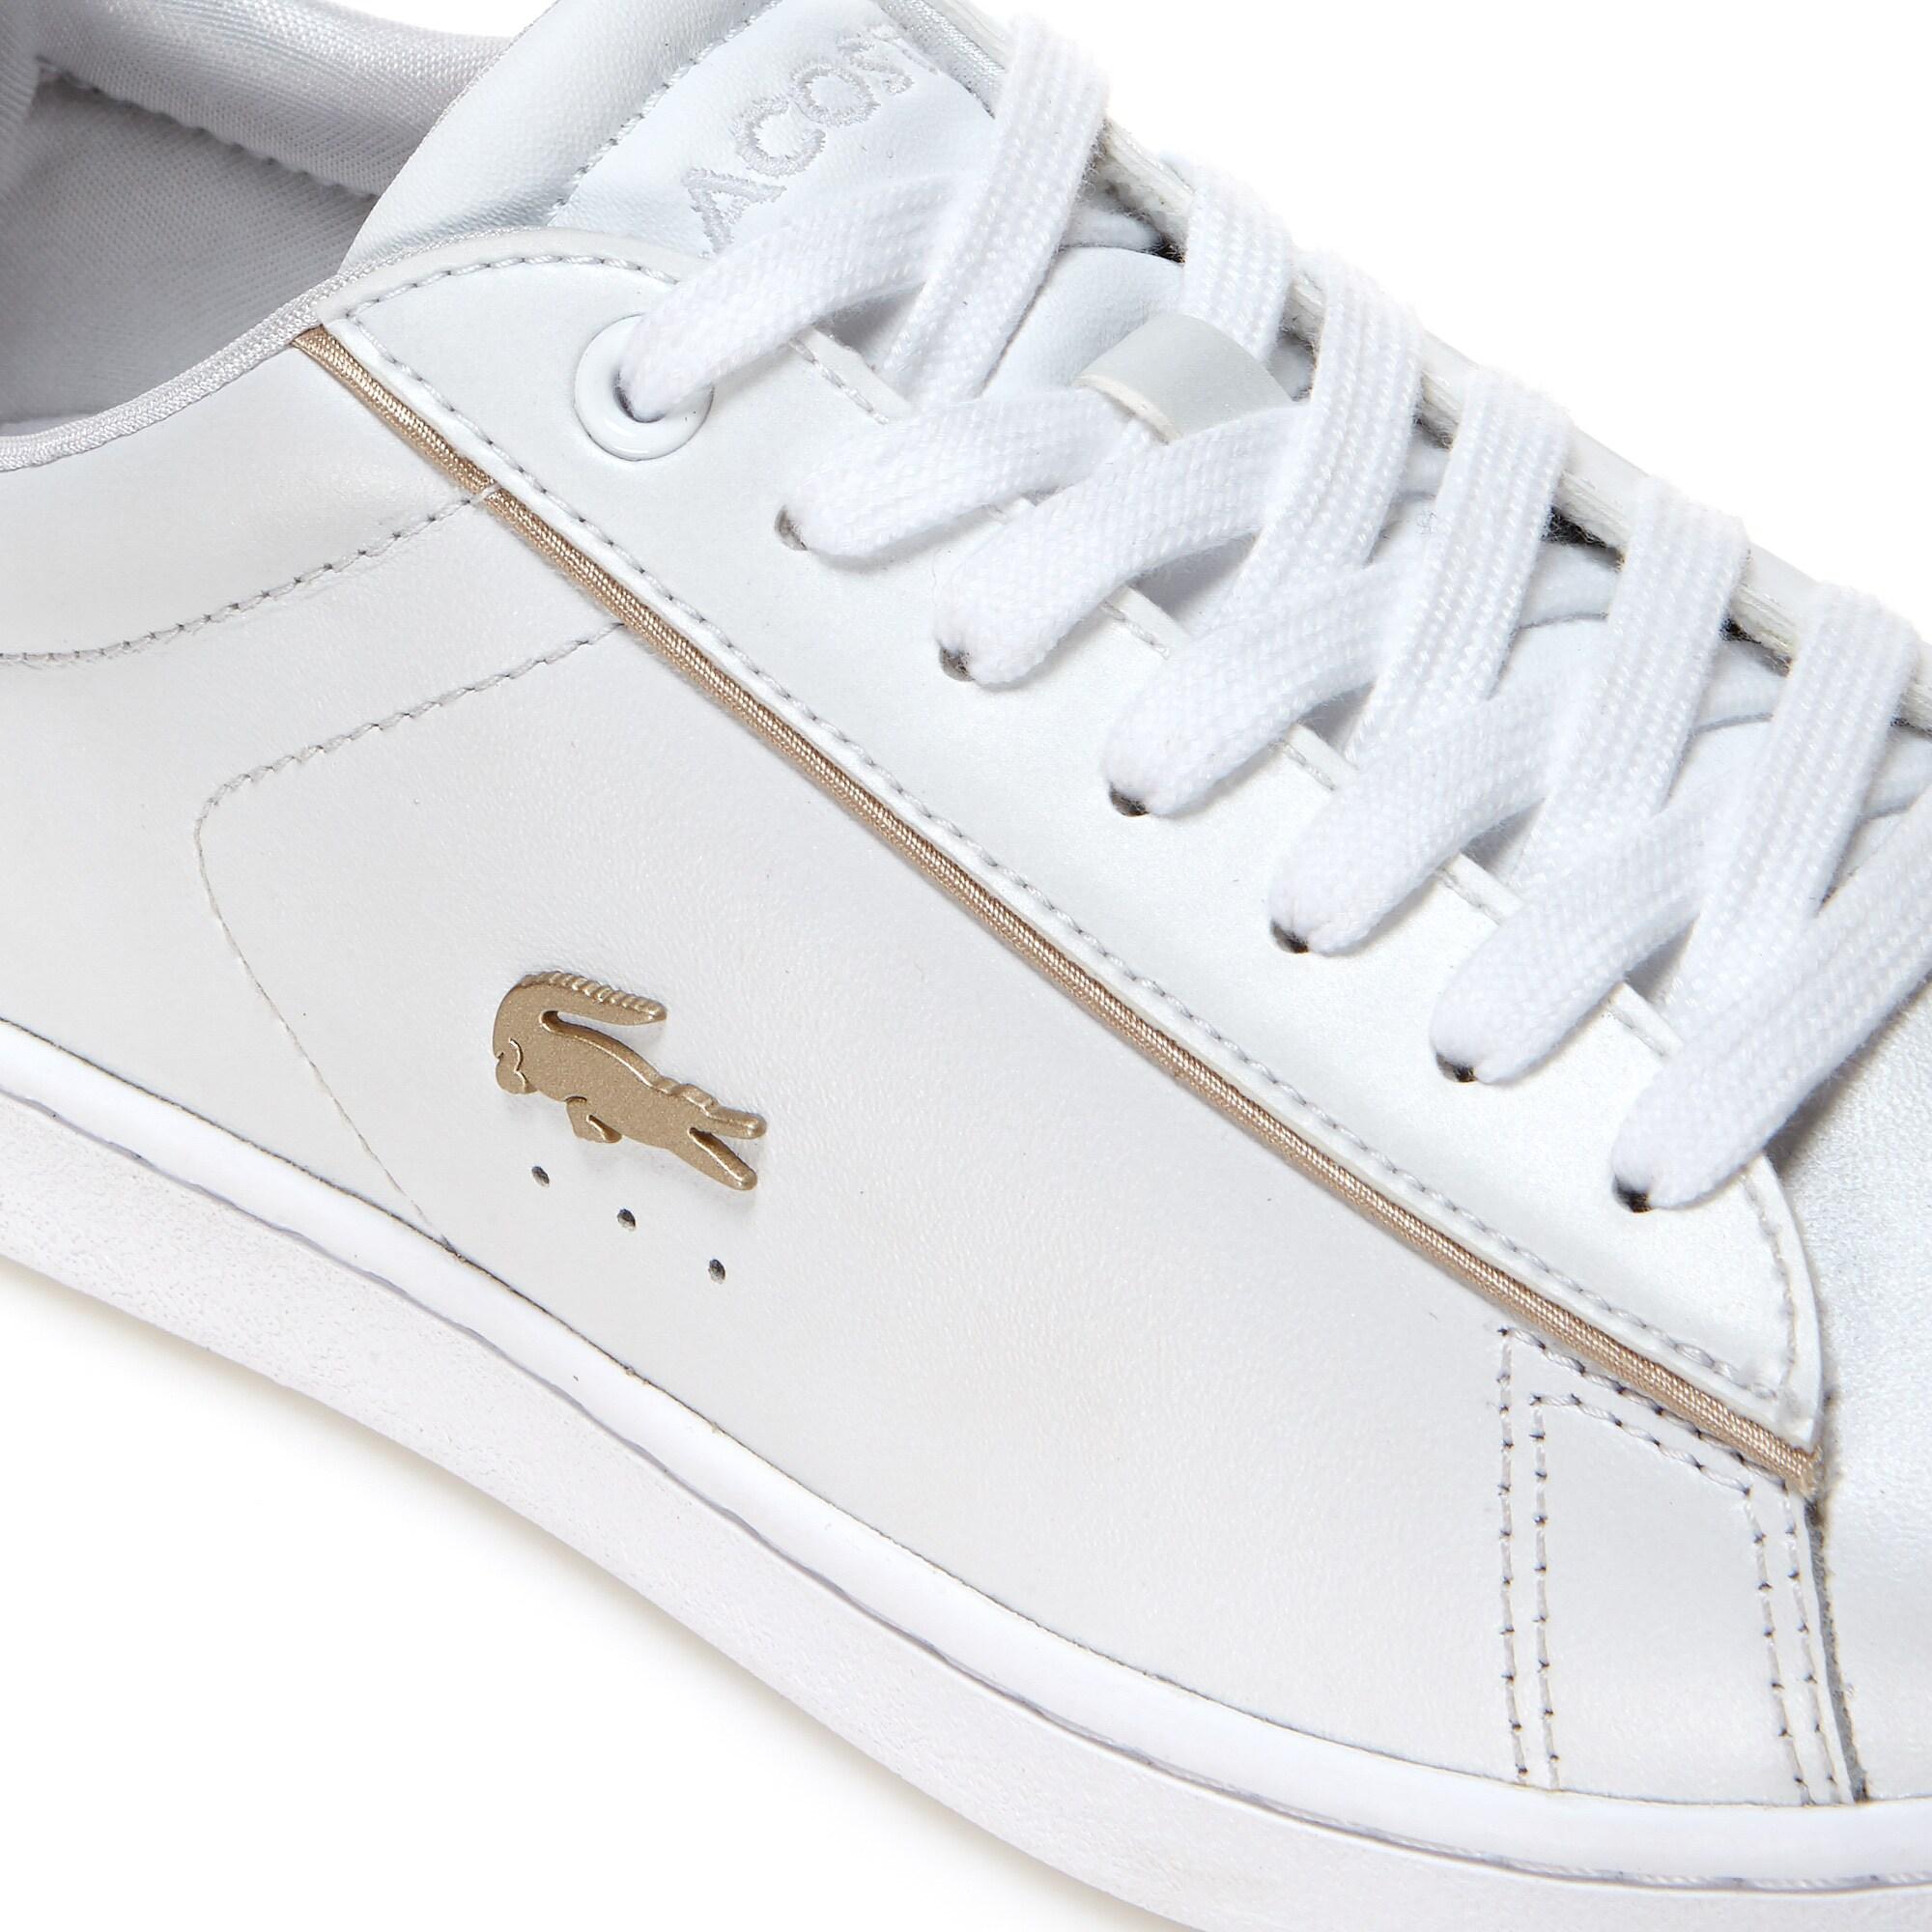 Lacoste Damskie skórzane sneakersy Carnaby Evo 118 6 Spw